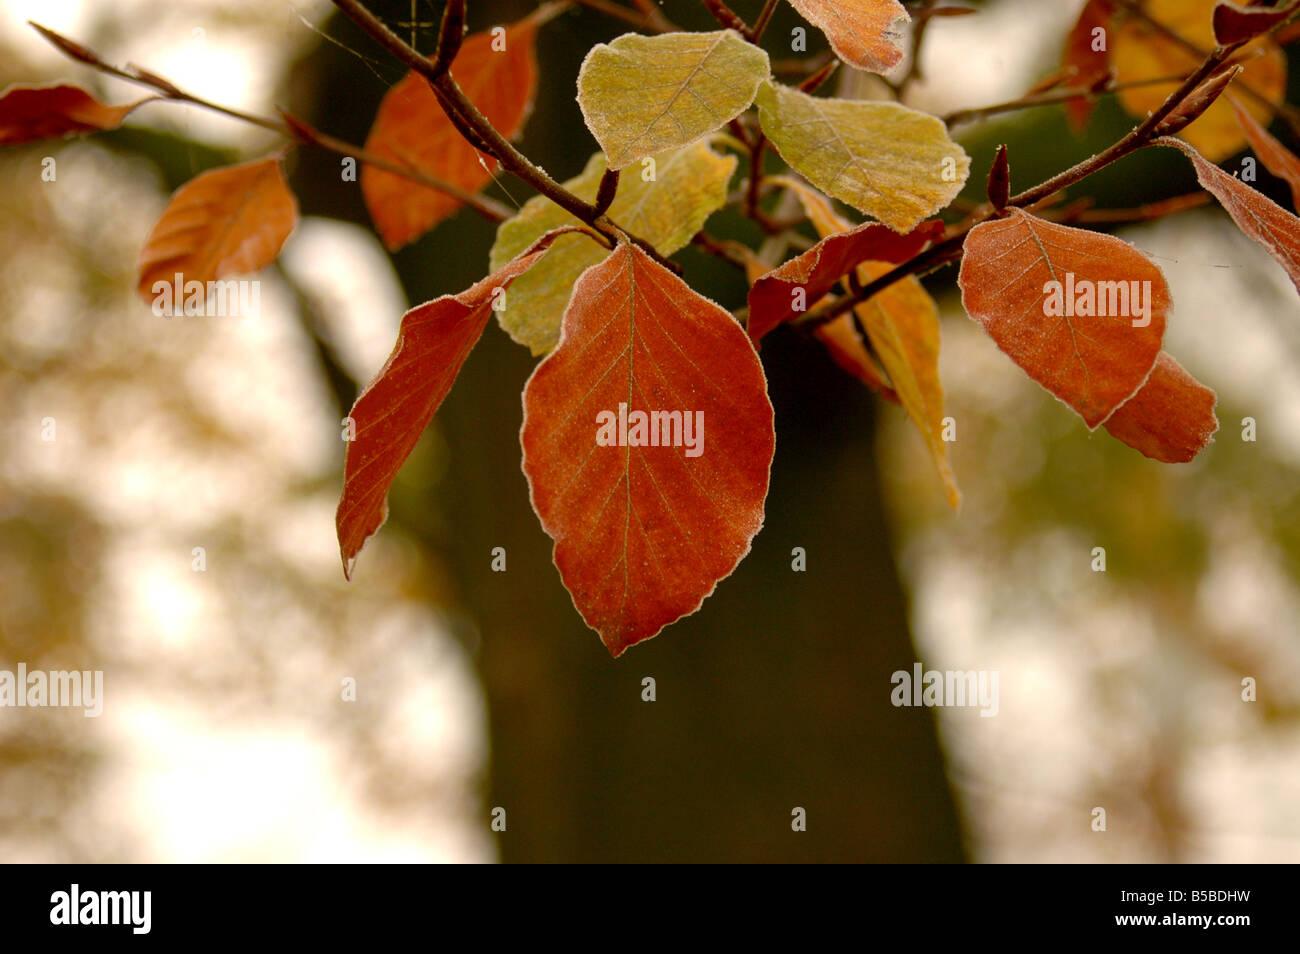 En heladas otoñales hojas de Haya - Fagus sylvatica Foto de stock